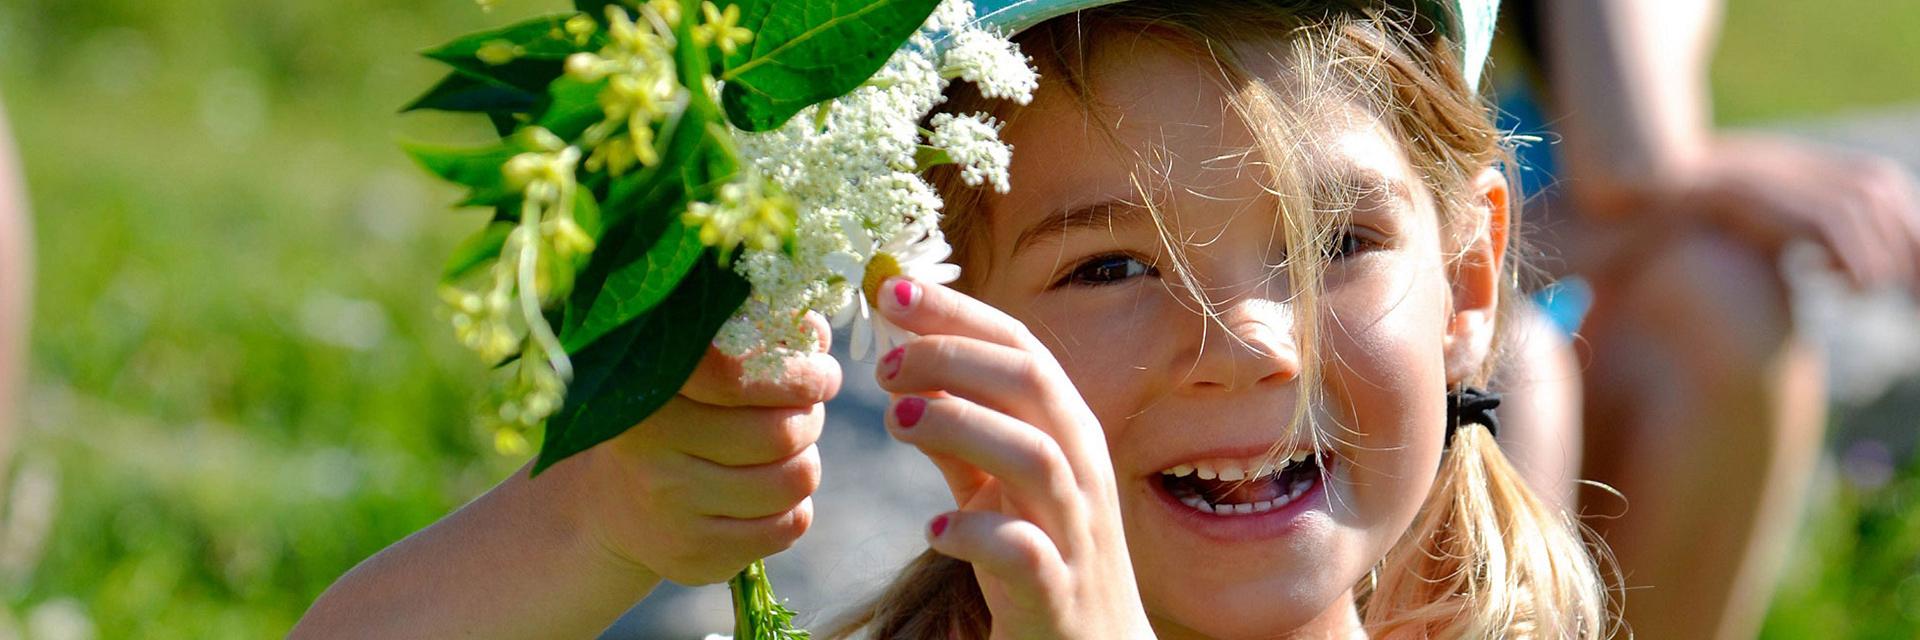 village-vacances-auberge-nordique-enfants-fleurs